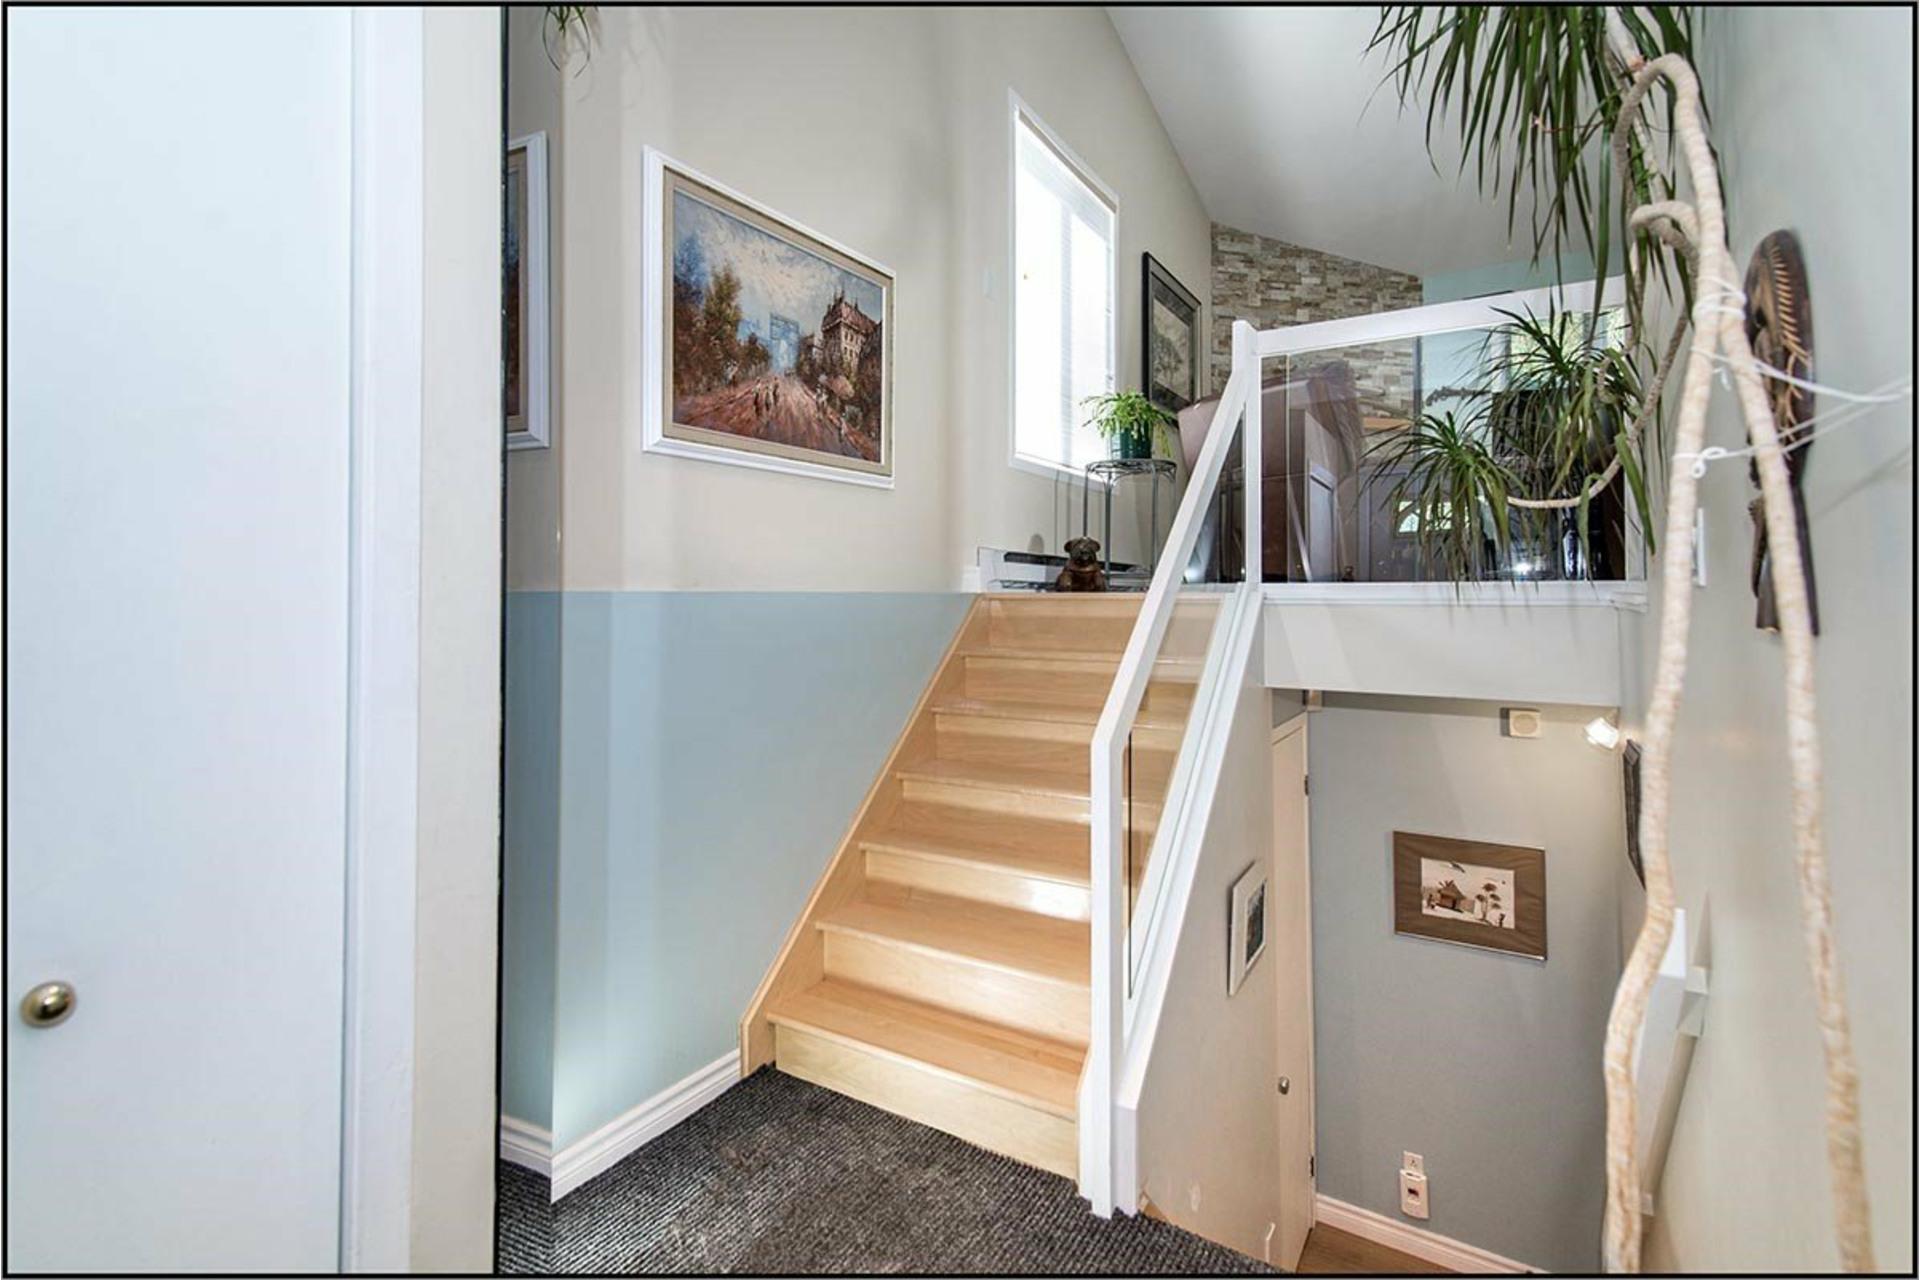 image 6 - Maison À vendre Saint-Ferréol-les-Neiges - 11 pièces